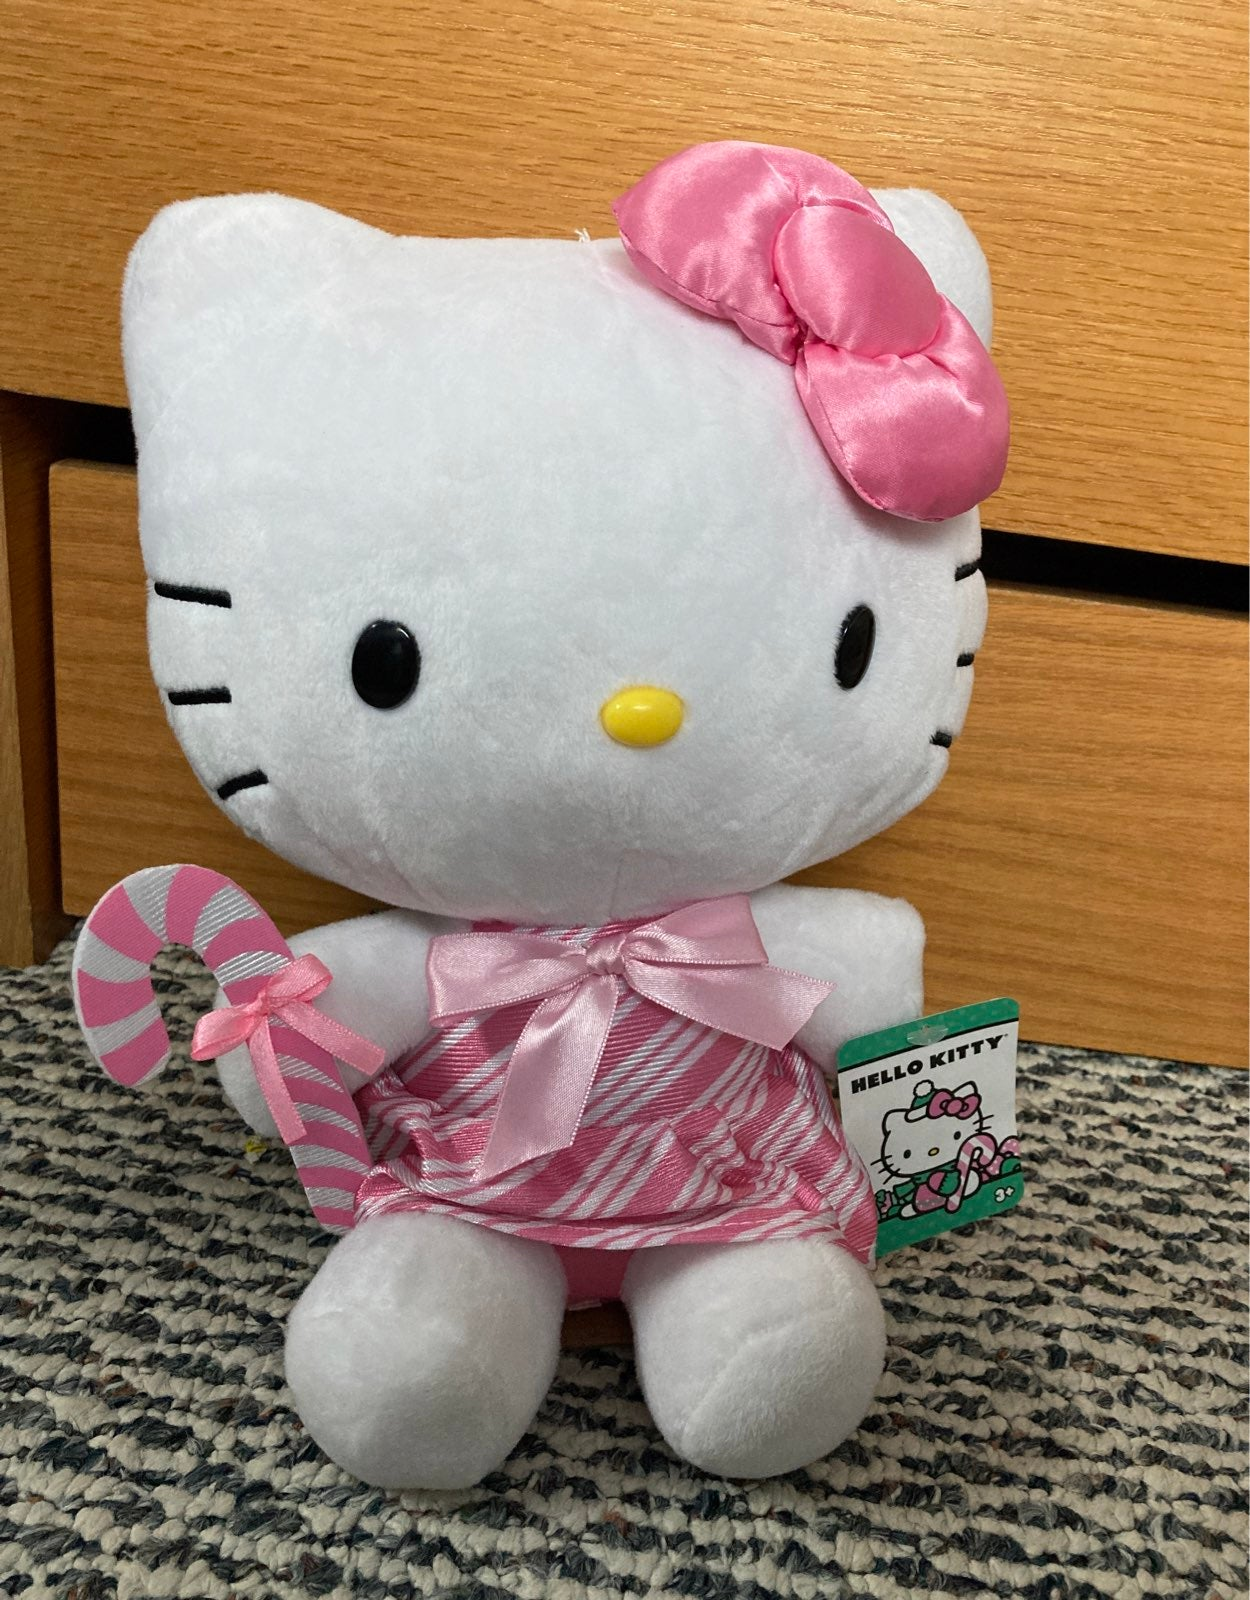 Hello Kitty Plush